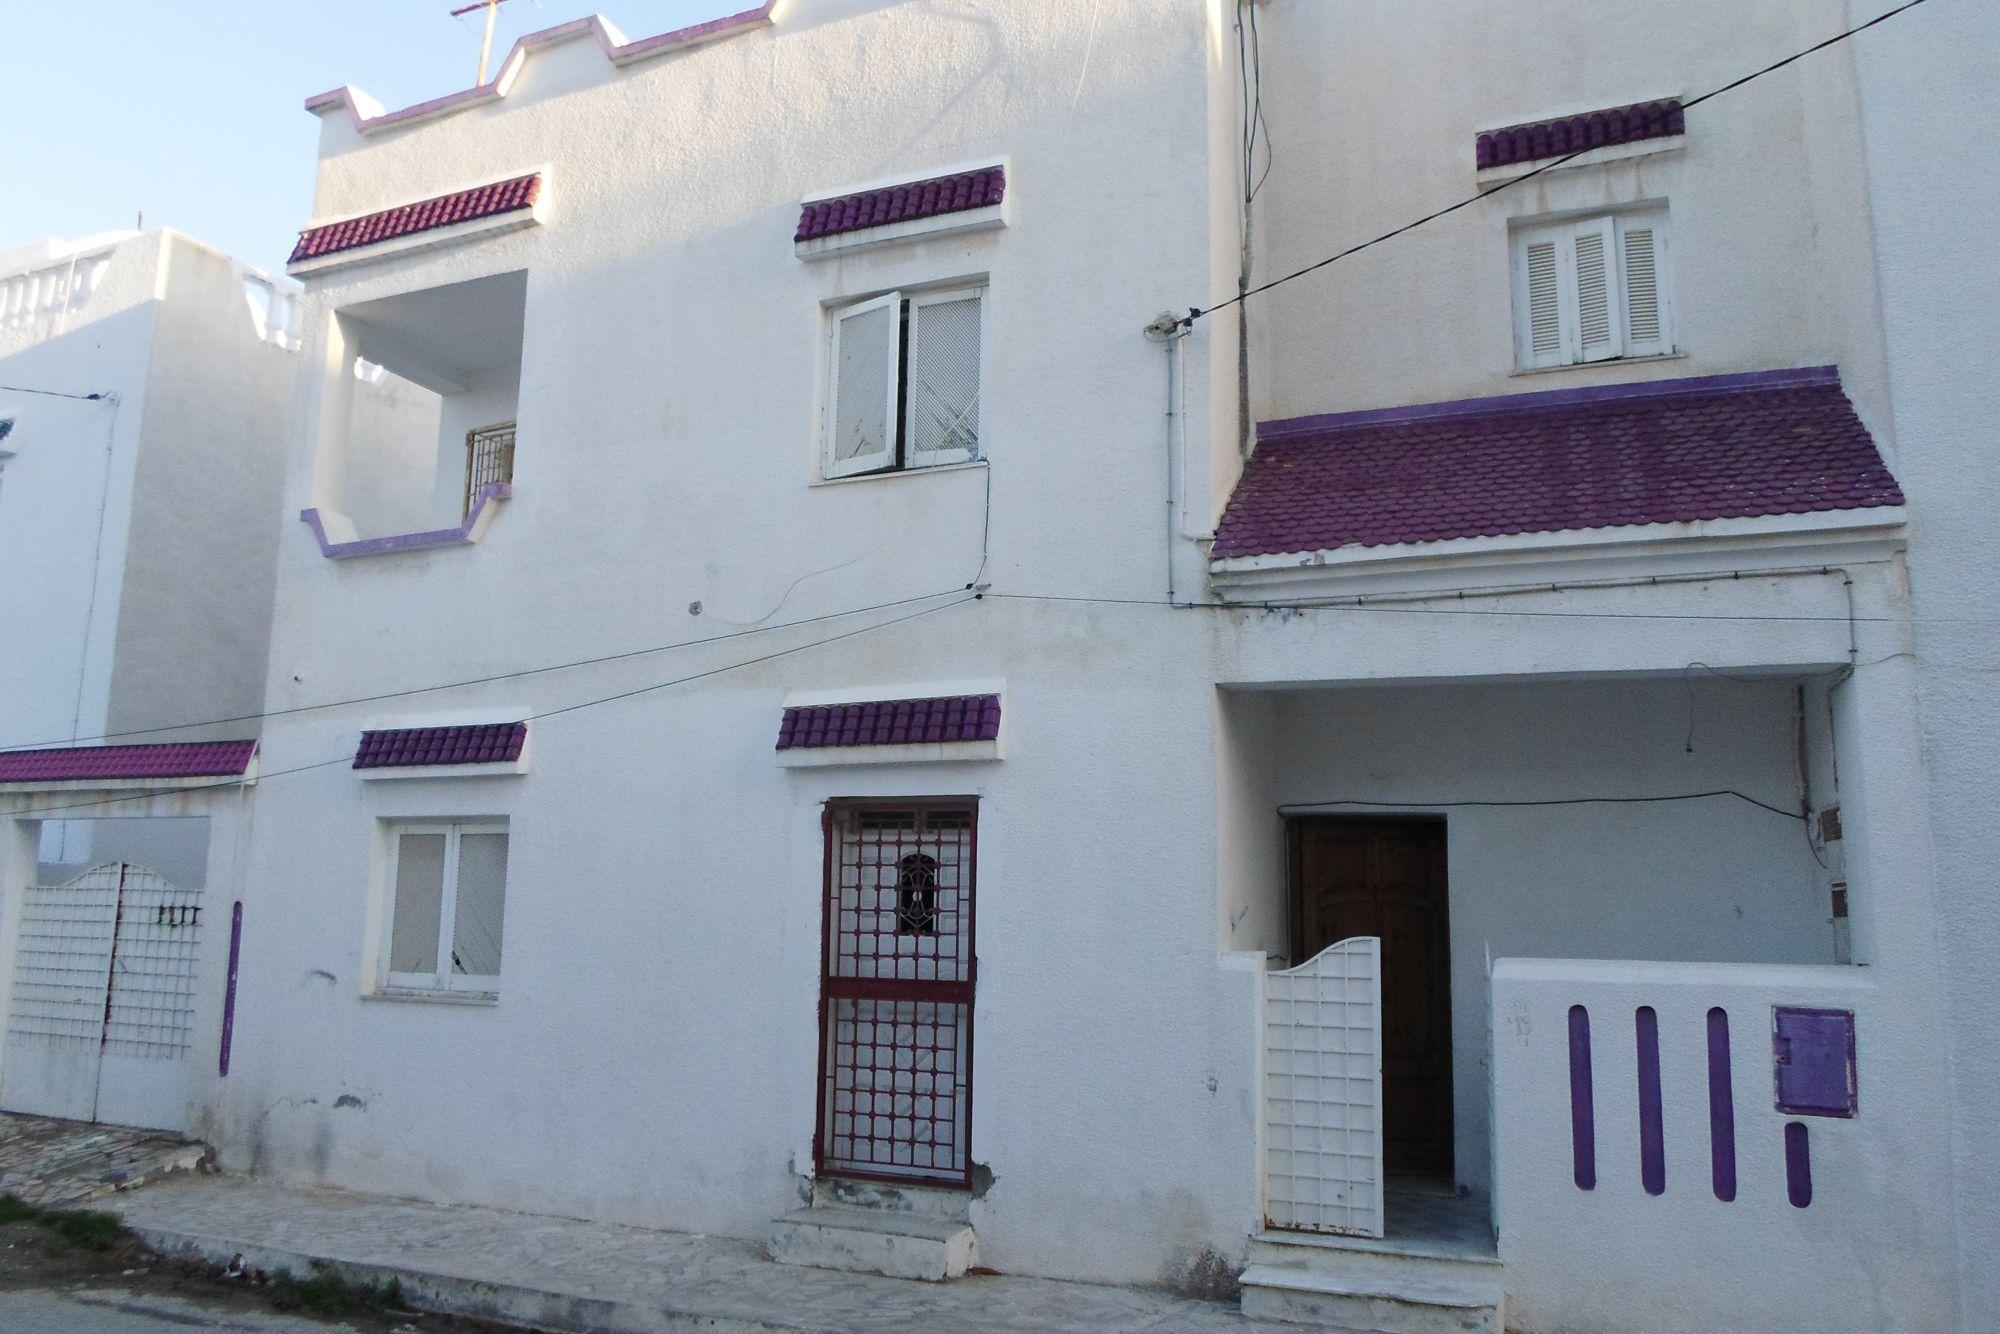 Maison sur 2 étages avec studio a vendre proche yassmine hammamet